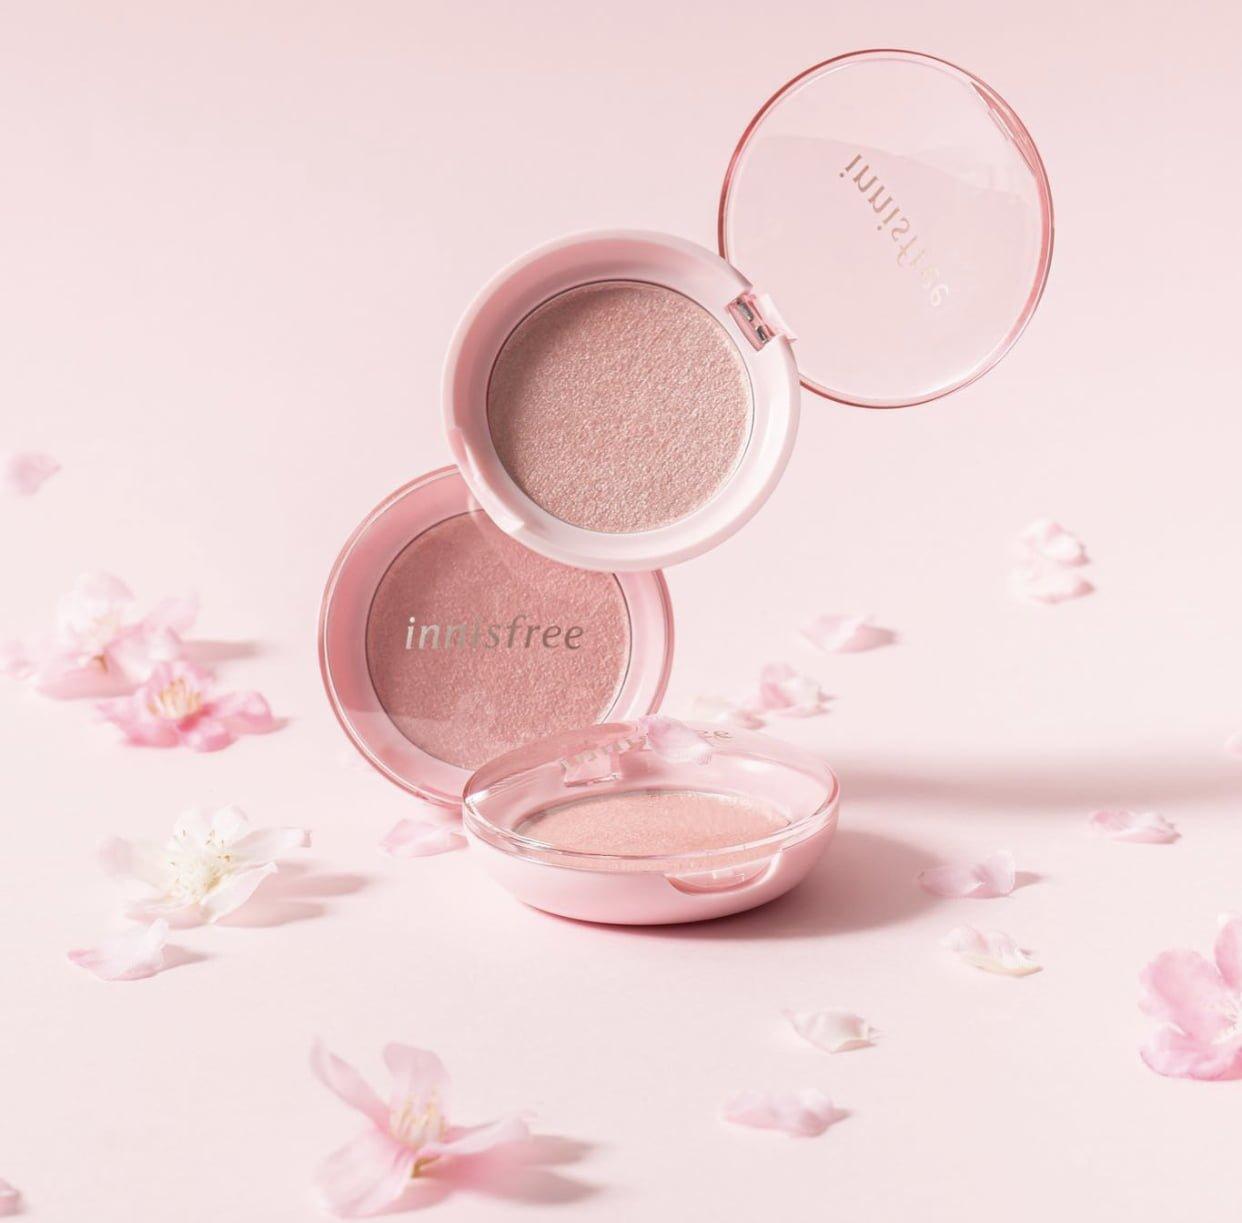 Innisfree Cherry Blossom Luminizer